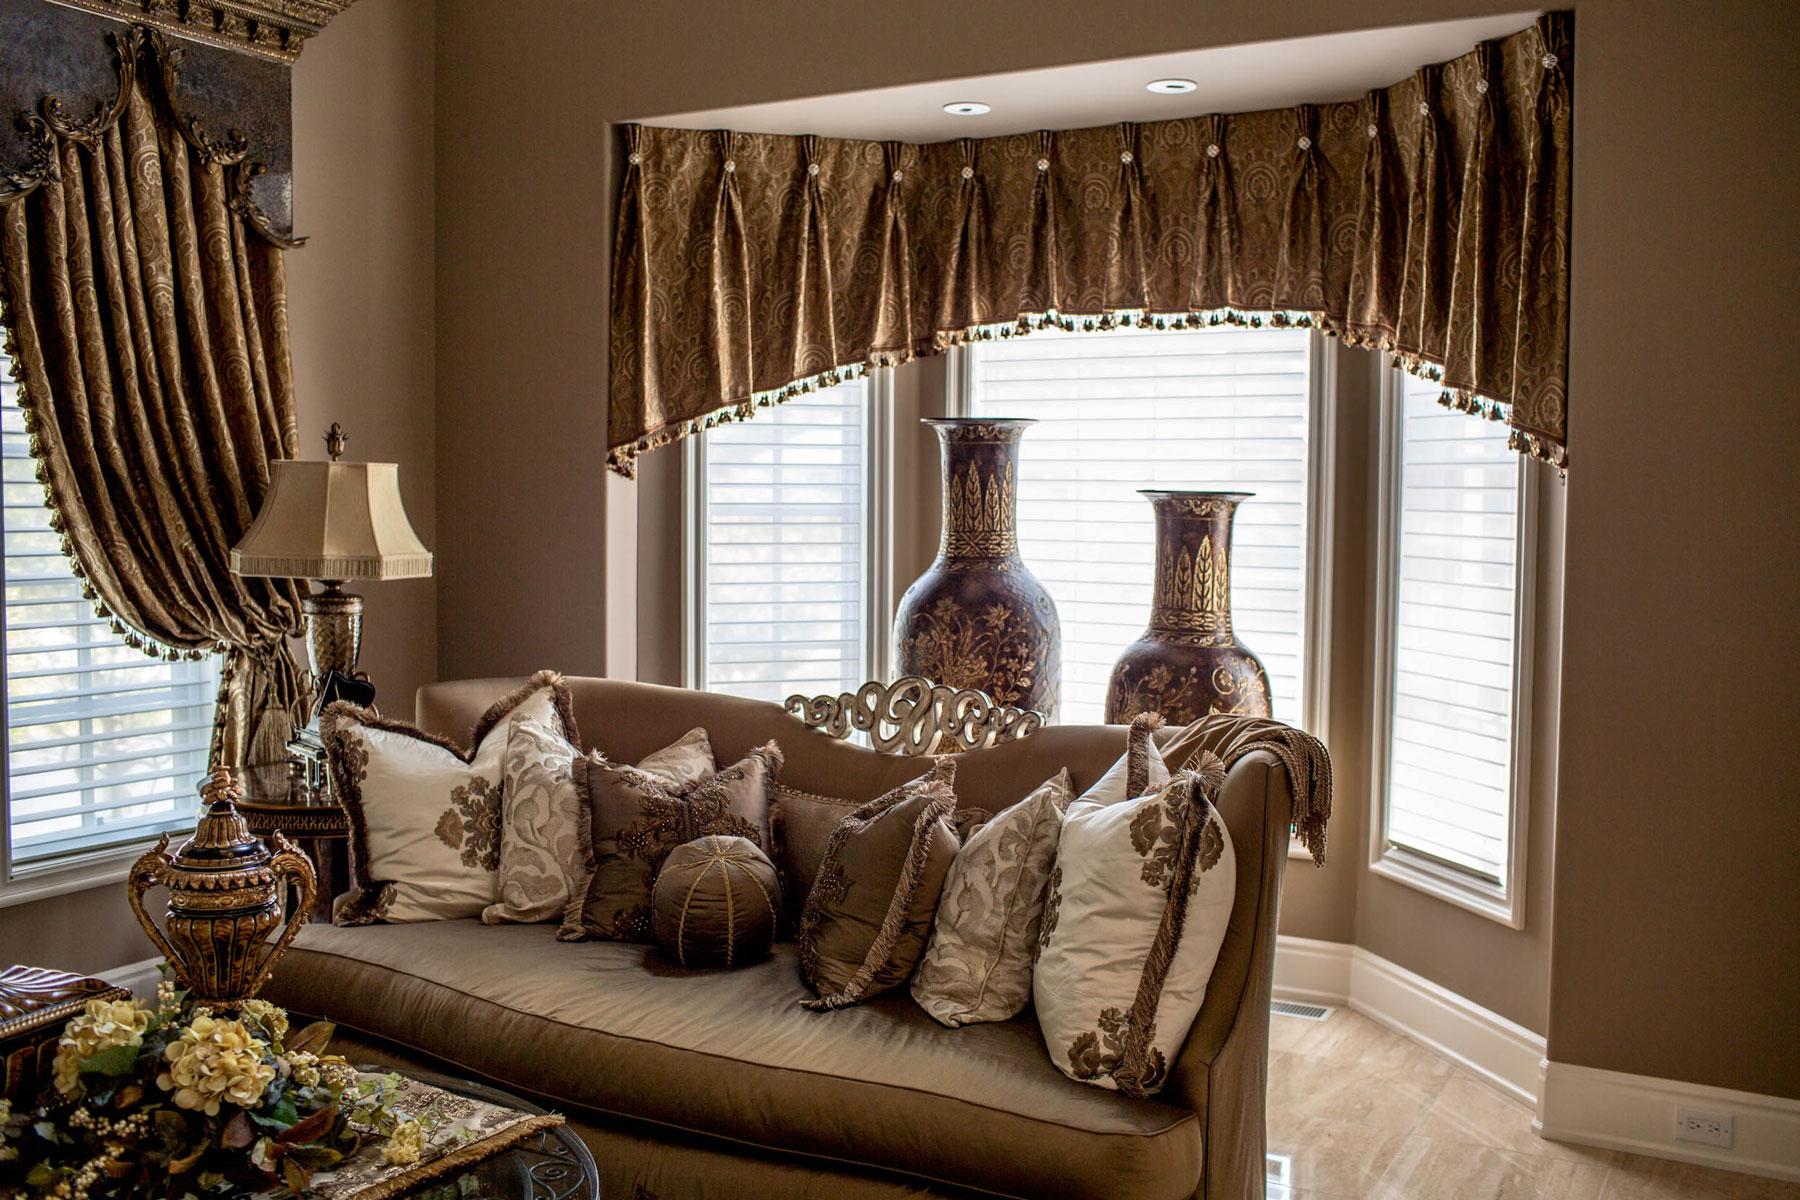 Window Treatment Ideas For Living Room Acnn Decor